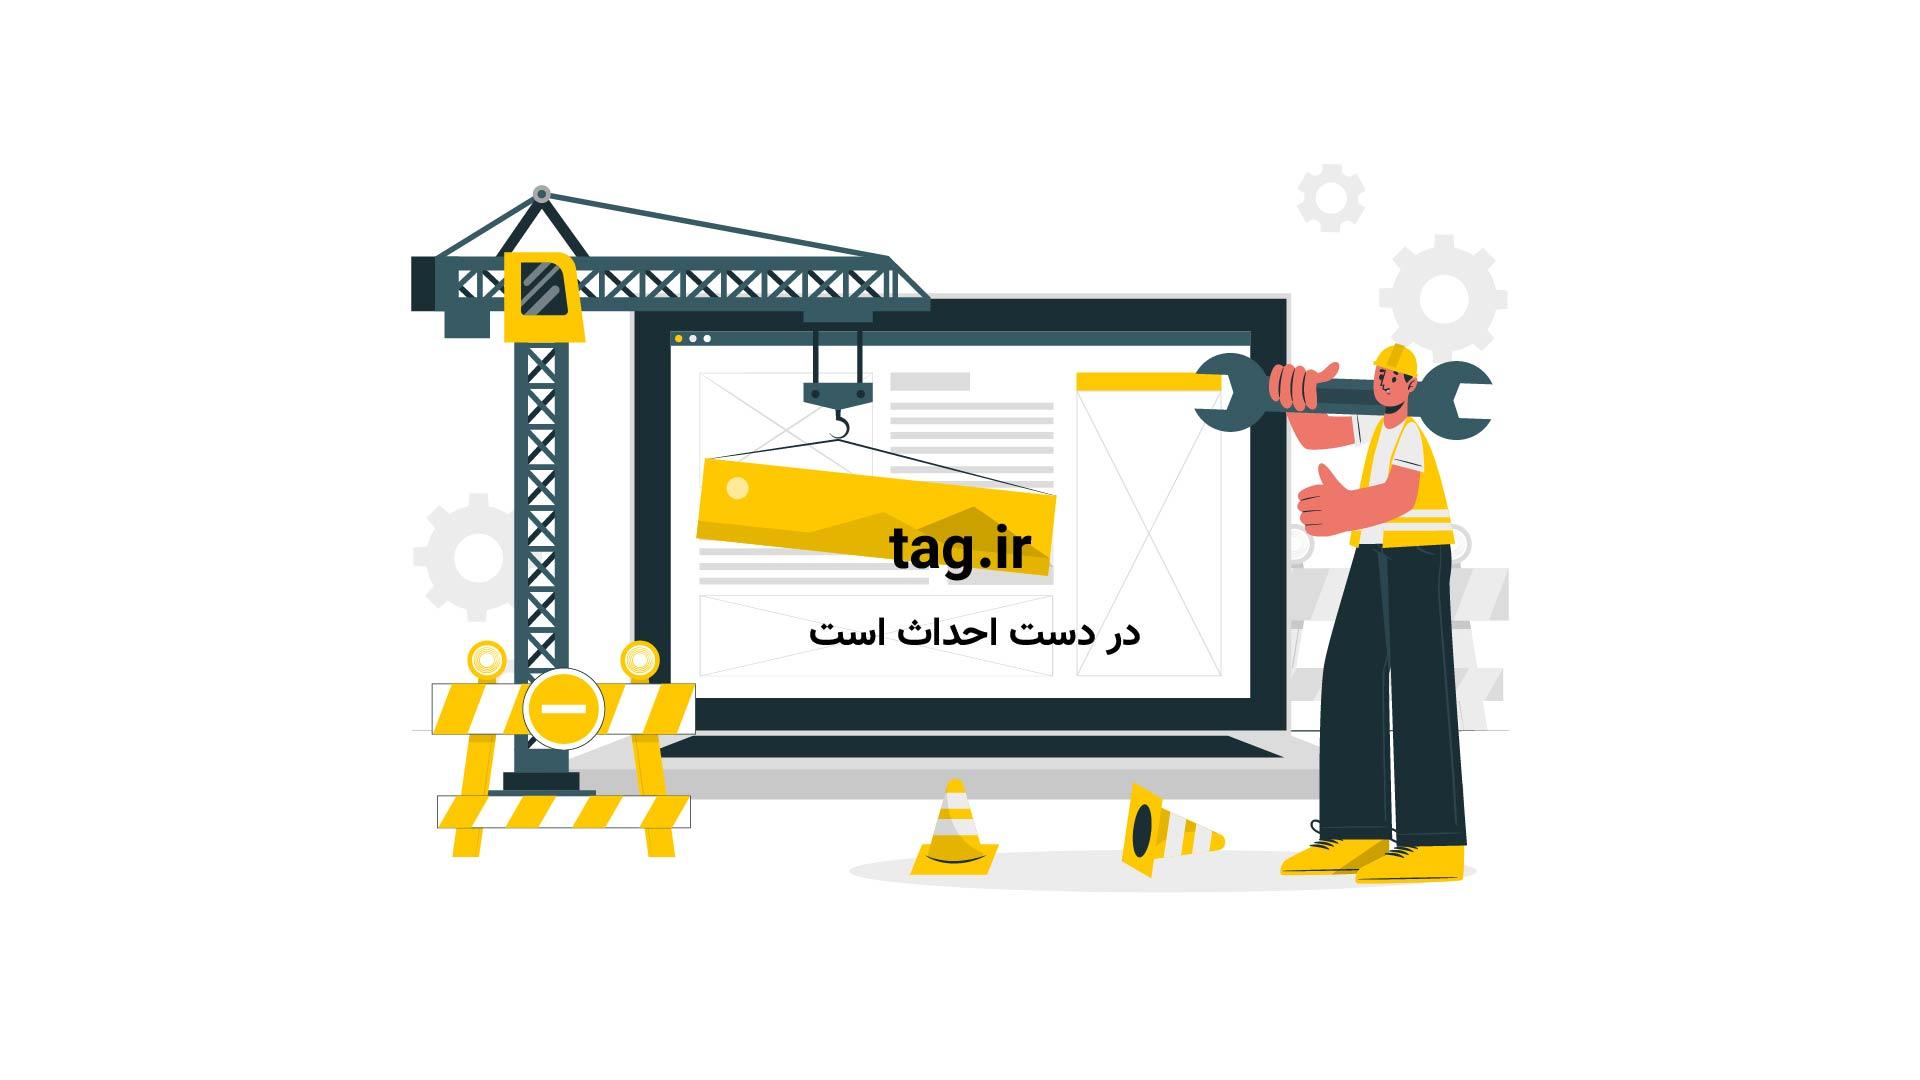 آموزش درست کردن کیک دو طبقه با هندوانه | فیلم